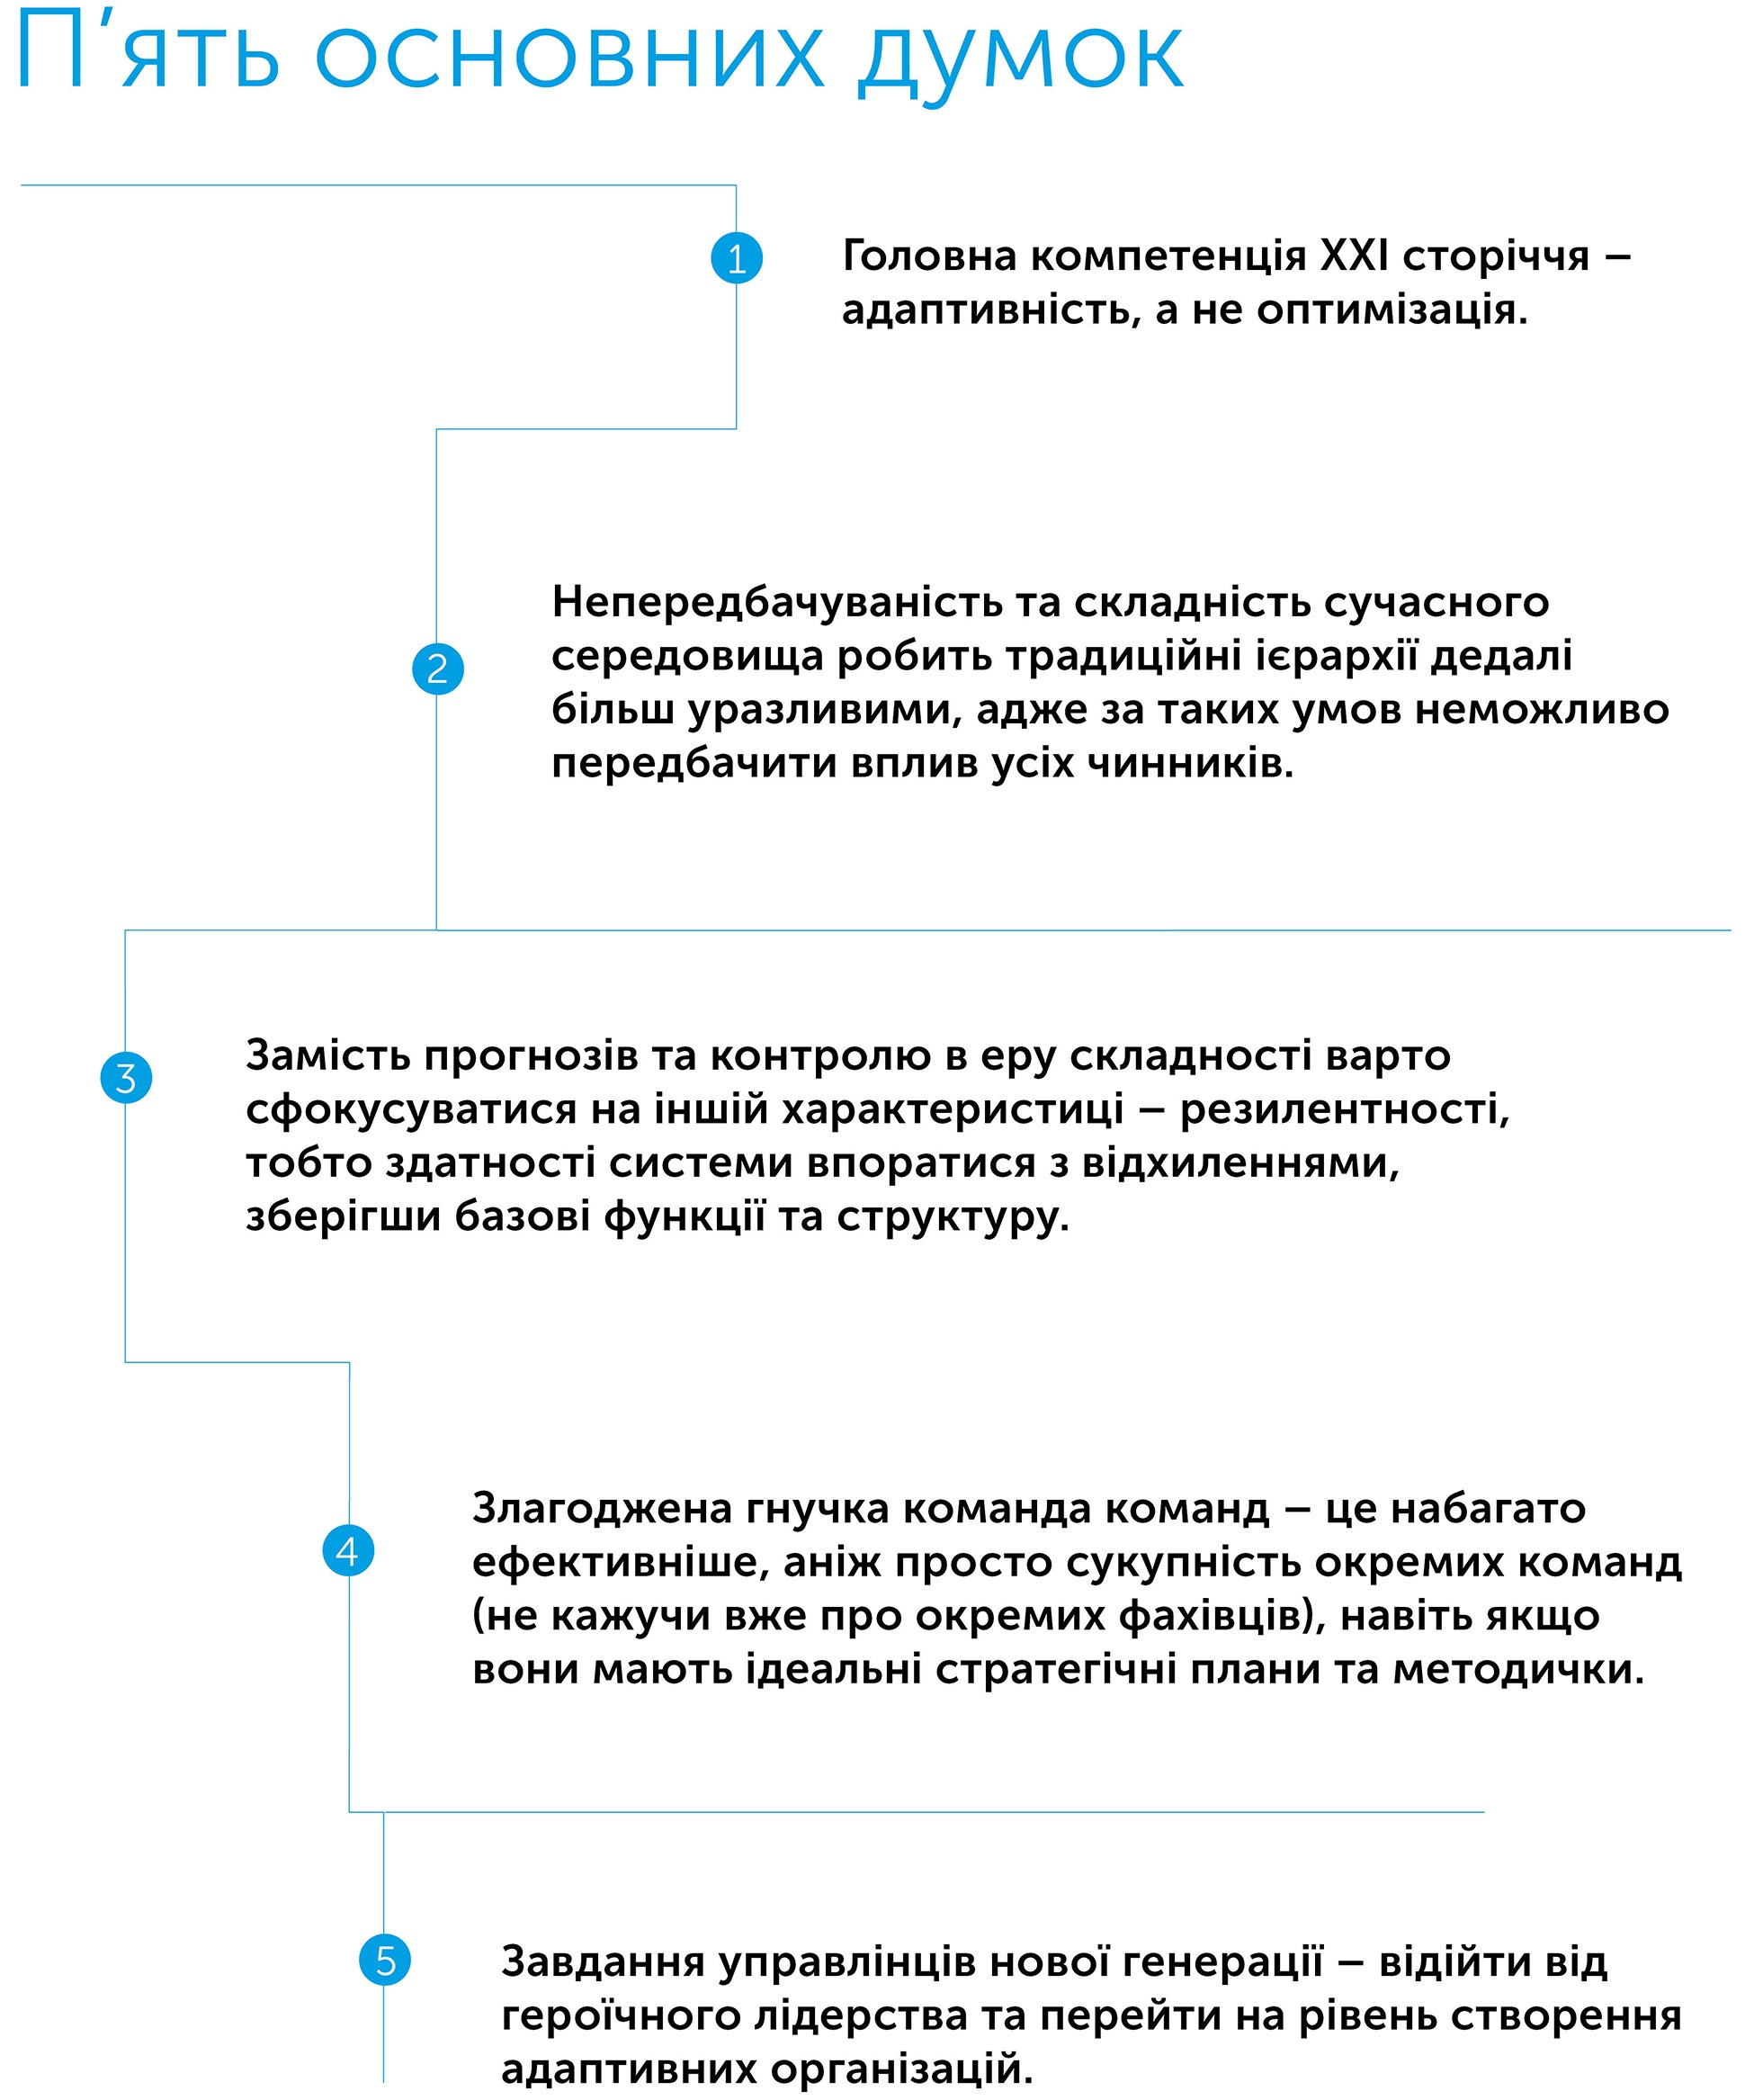 Команда команд: правила взаємодії у складному світі, автор Кріс Фасселл | Kyivstar Business Hub, зображення №2